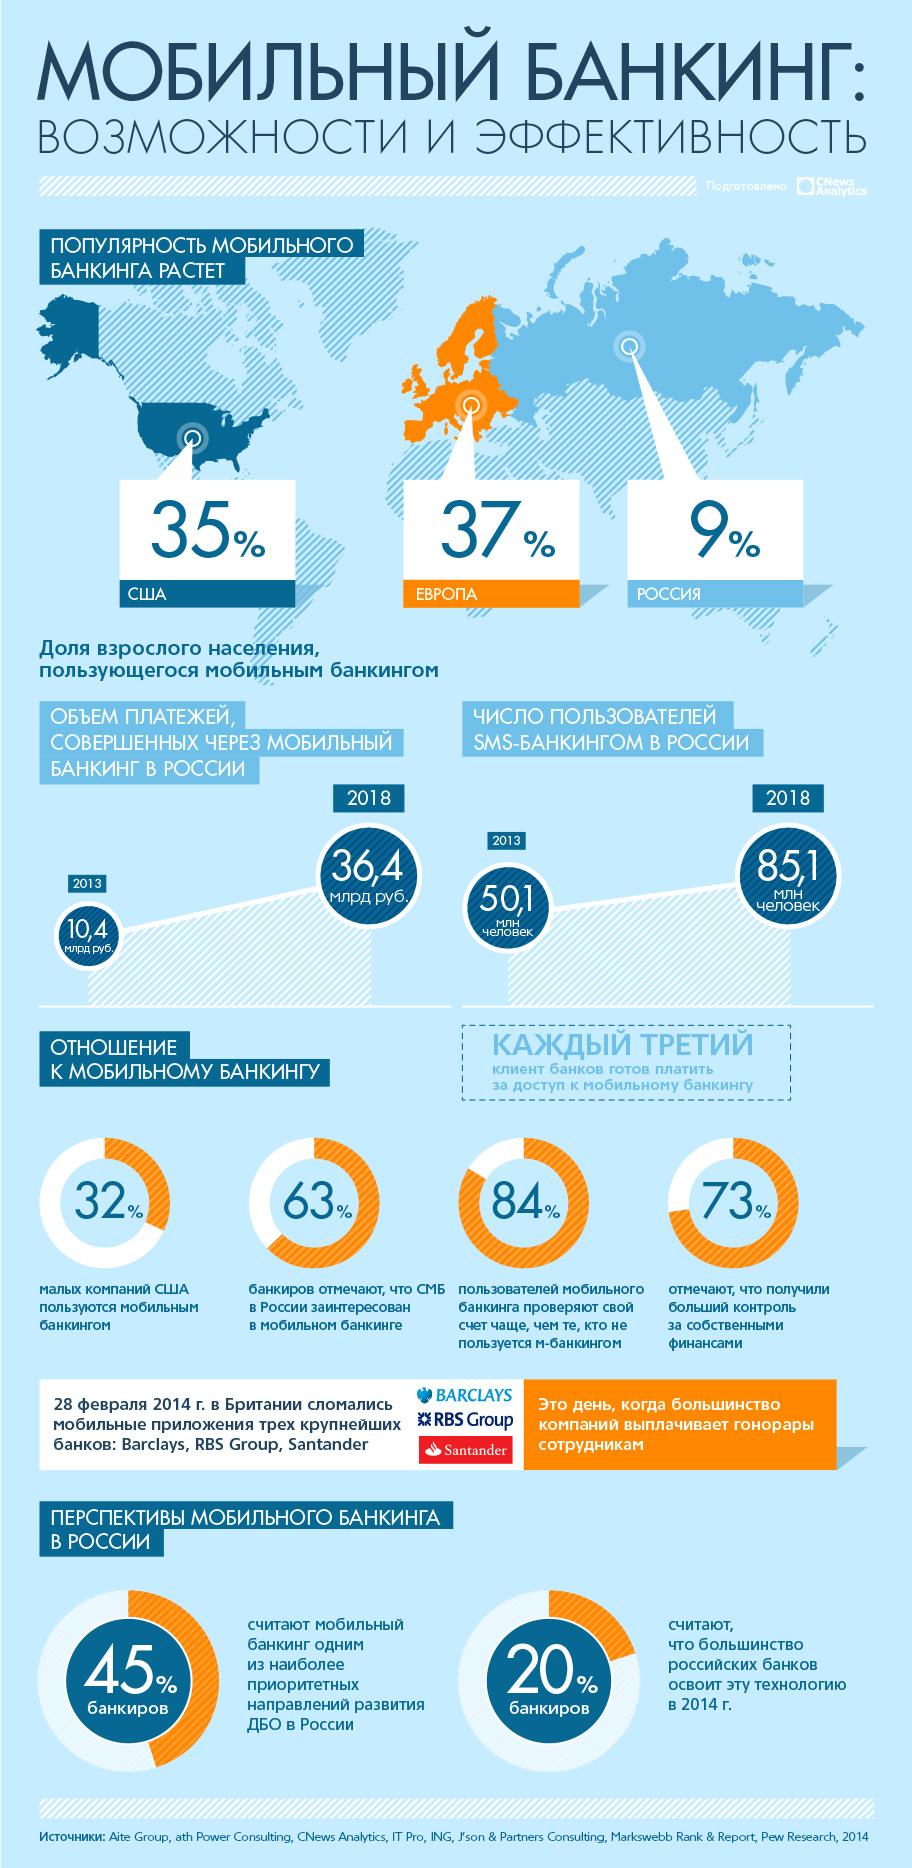 Мобильный банкинг: возможности и эффективность